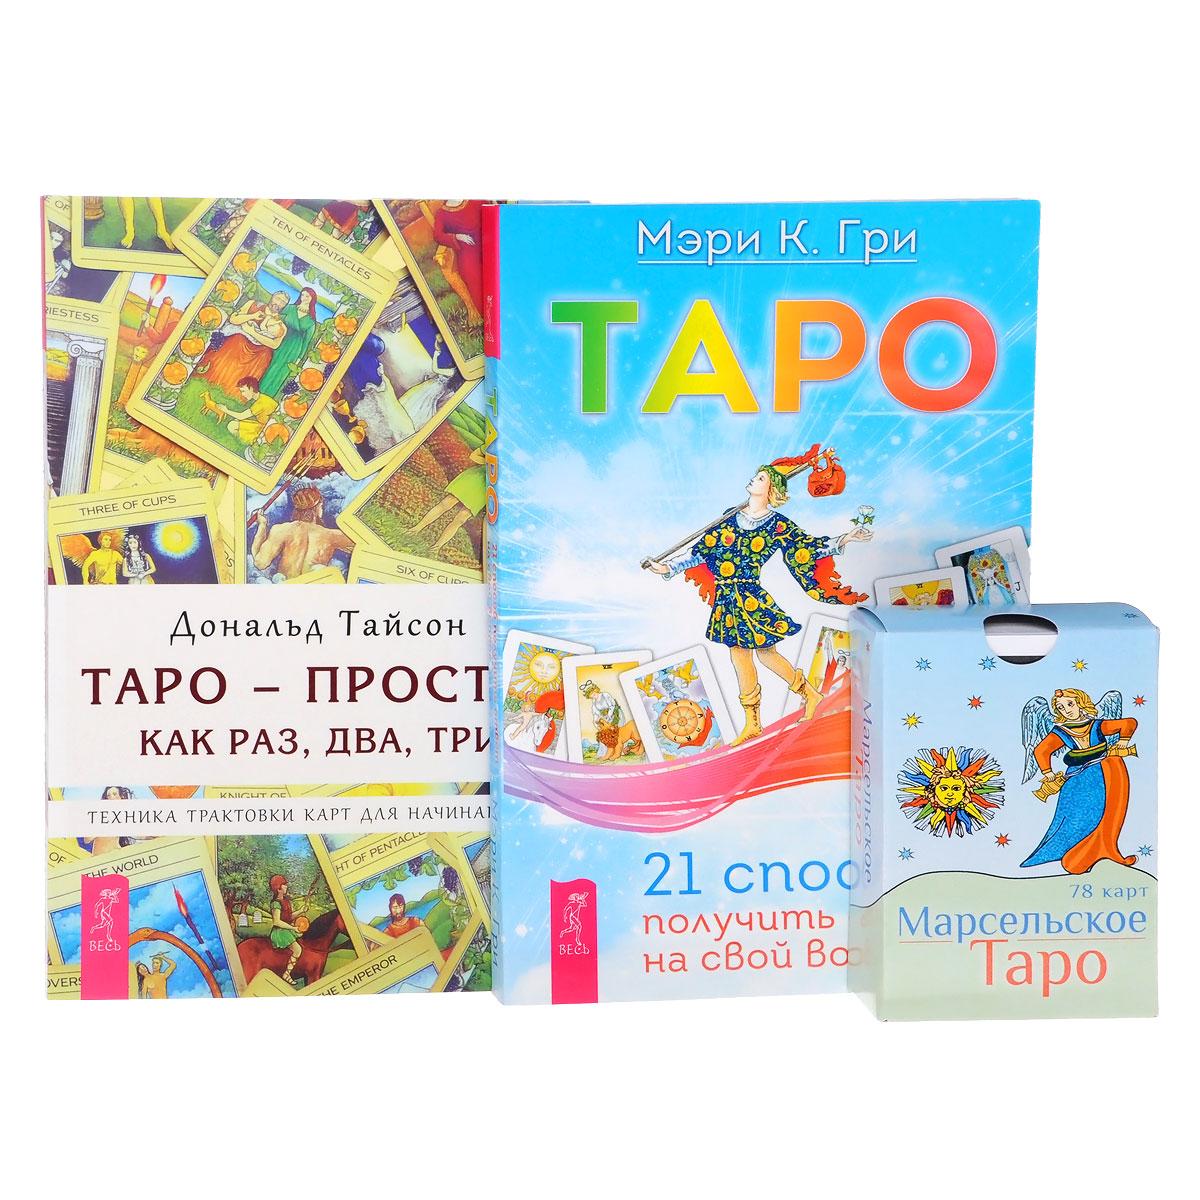 Марсельское Таро. Таро. 21 способ получить ответ на свой вопрос. Таро - просто, как раз, два, три (комплект из 2 книг + колода из 78 карт)